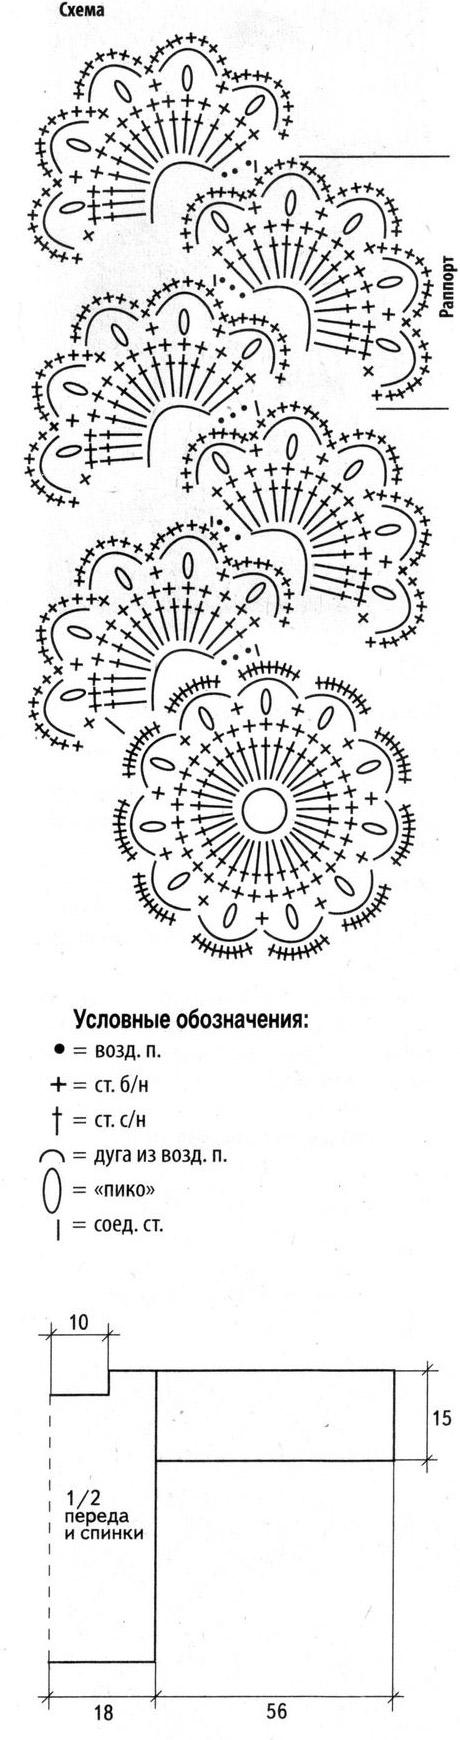 Топы из ленточного кружева крючком со схемами